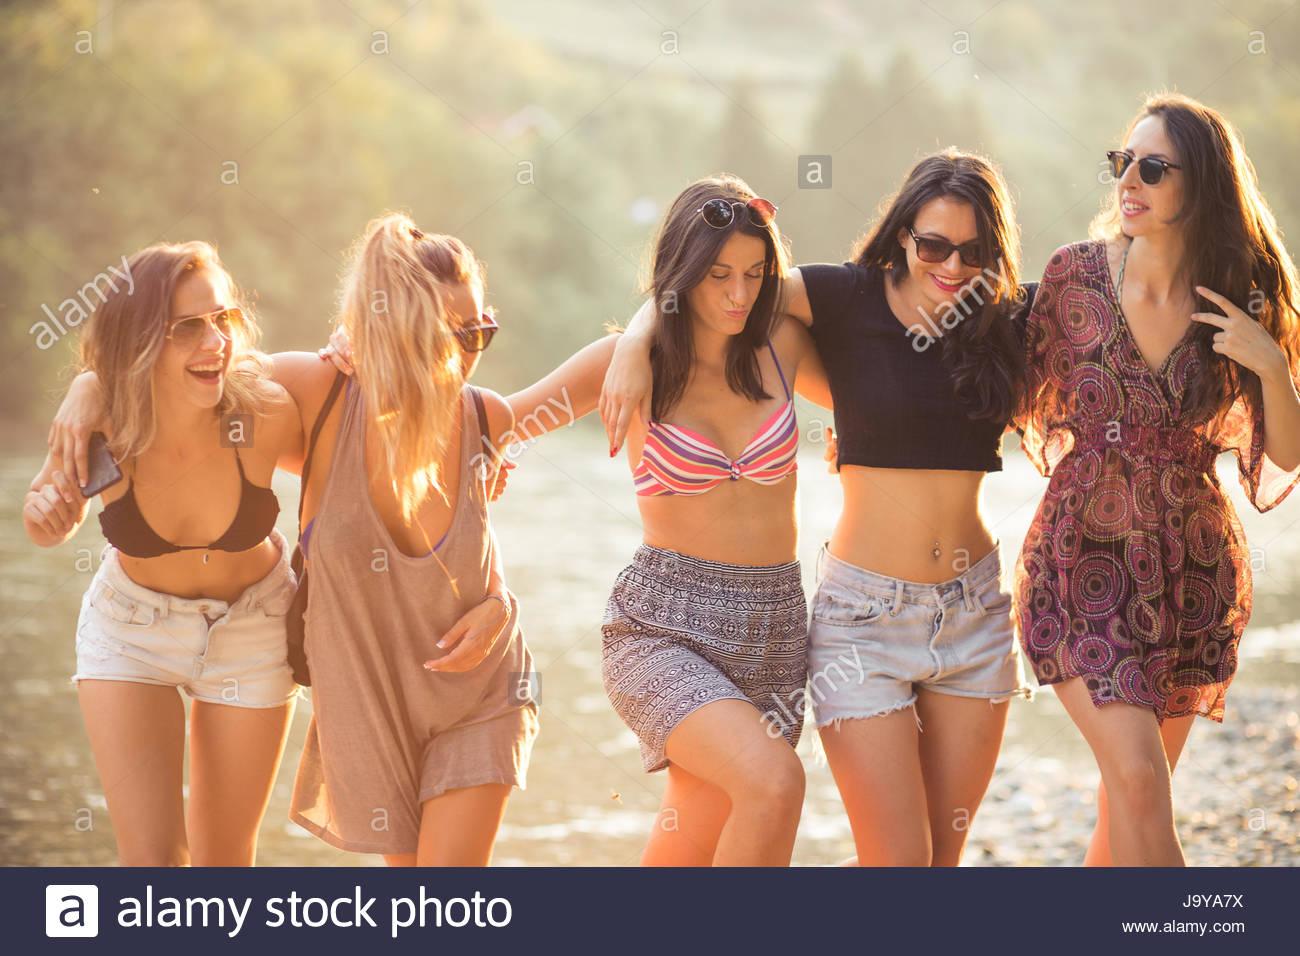 Las mujeres jóvenes disfrutan en la playa en verano Imagen De Stock